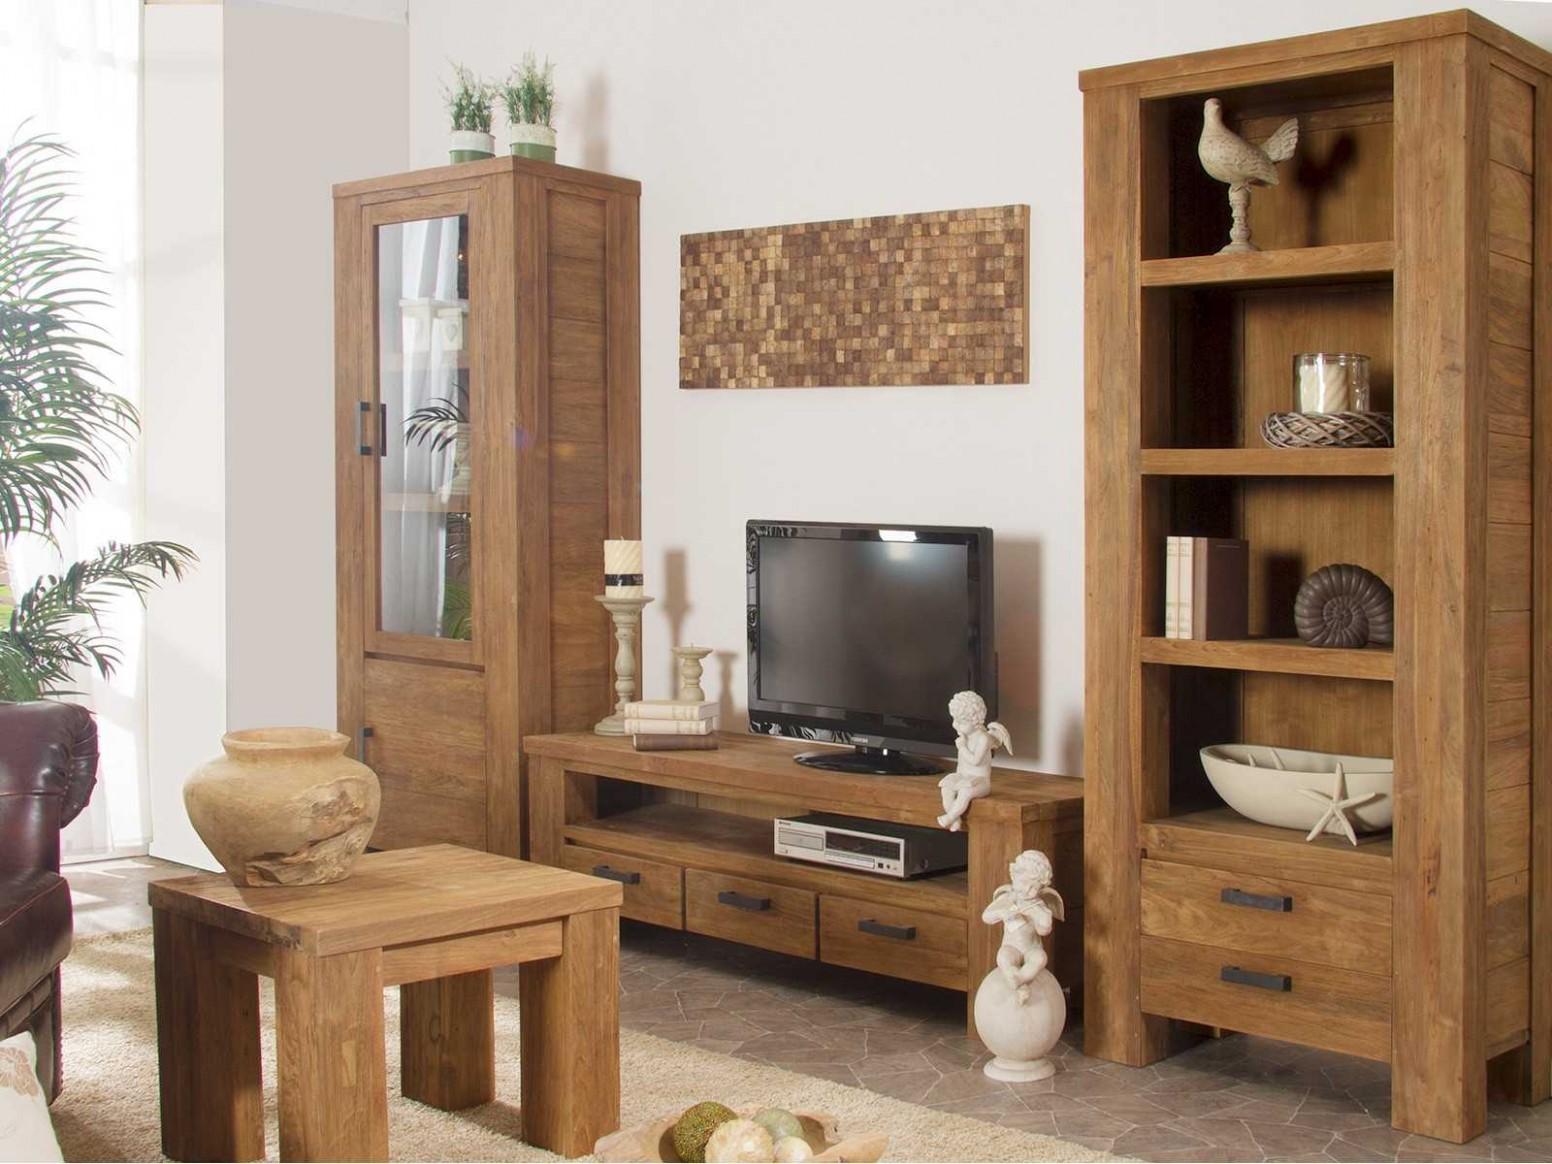 Dřevěné masivní stěny, kvalitní obývací nábytek ze dřeva - Sob nábytek